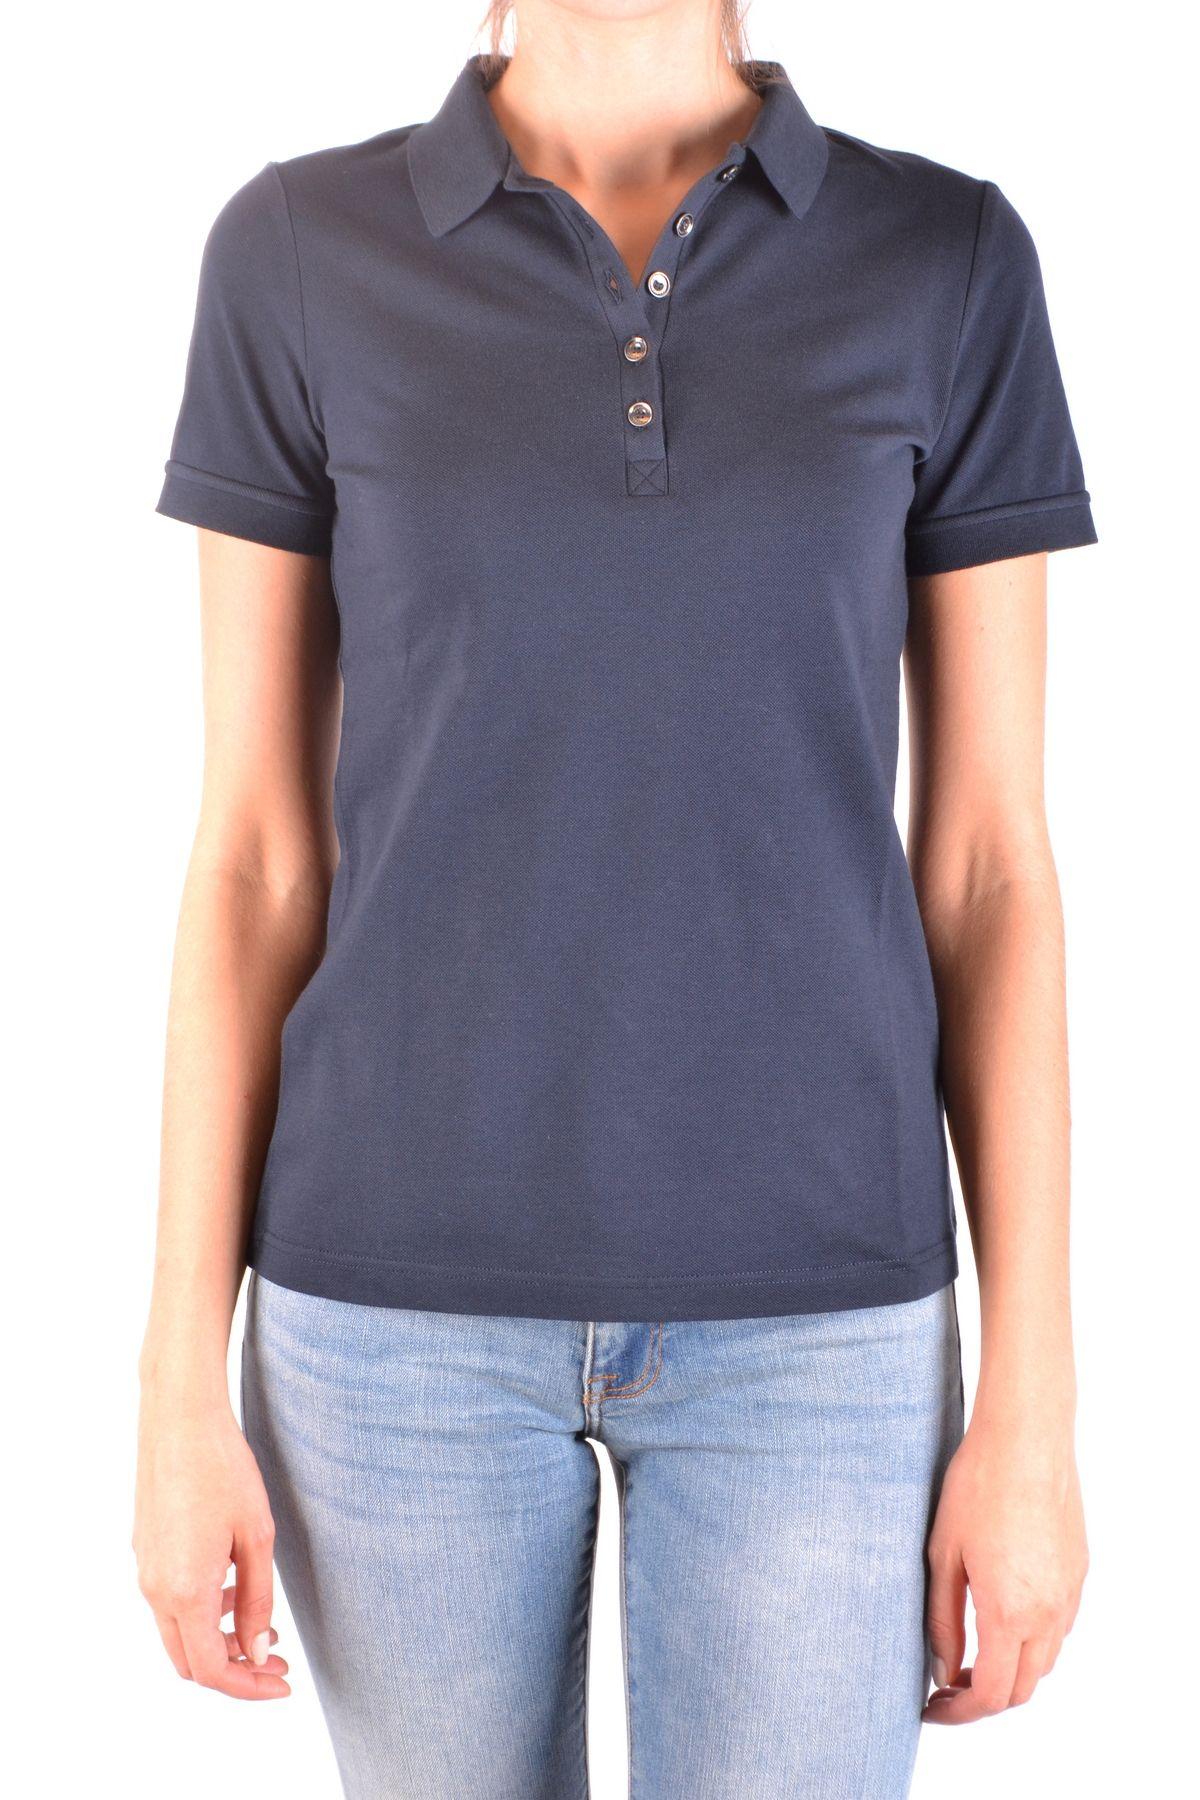 19cc45be4e41 Burberry Men's Mcbi35834 Blue Cotton Polo Shirt | ModeSens